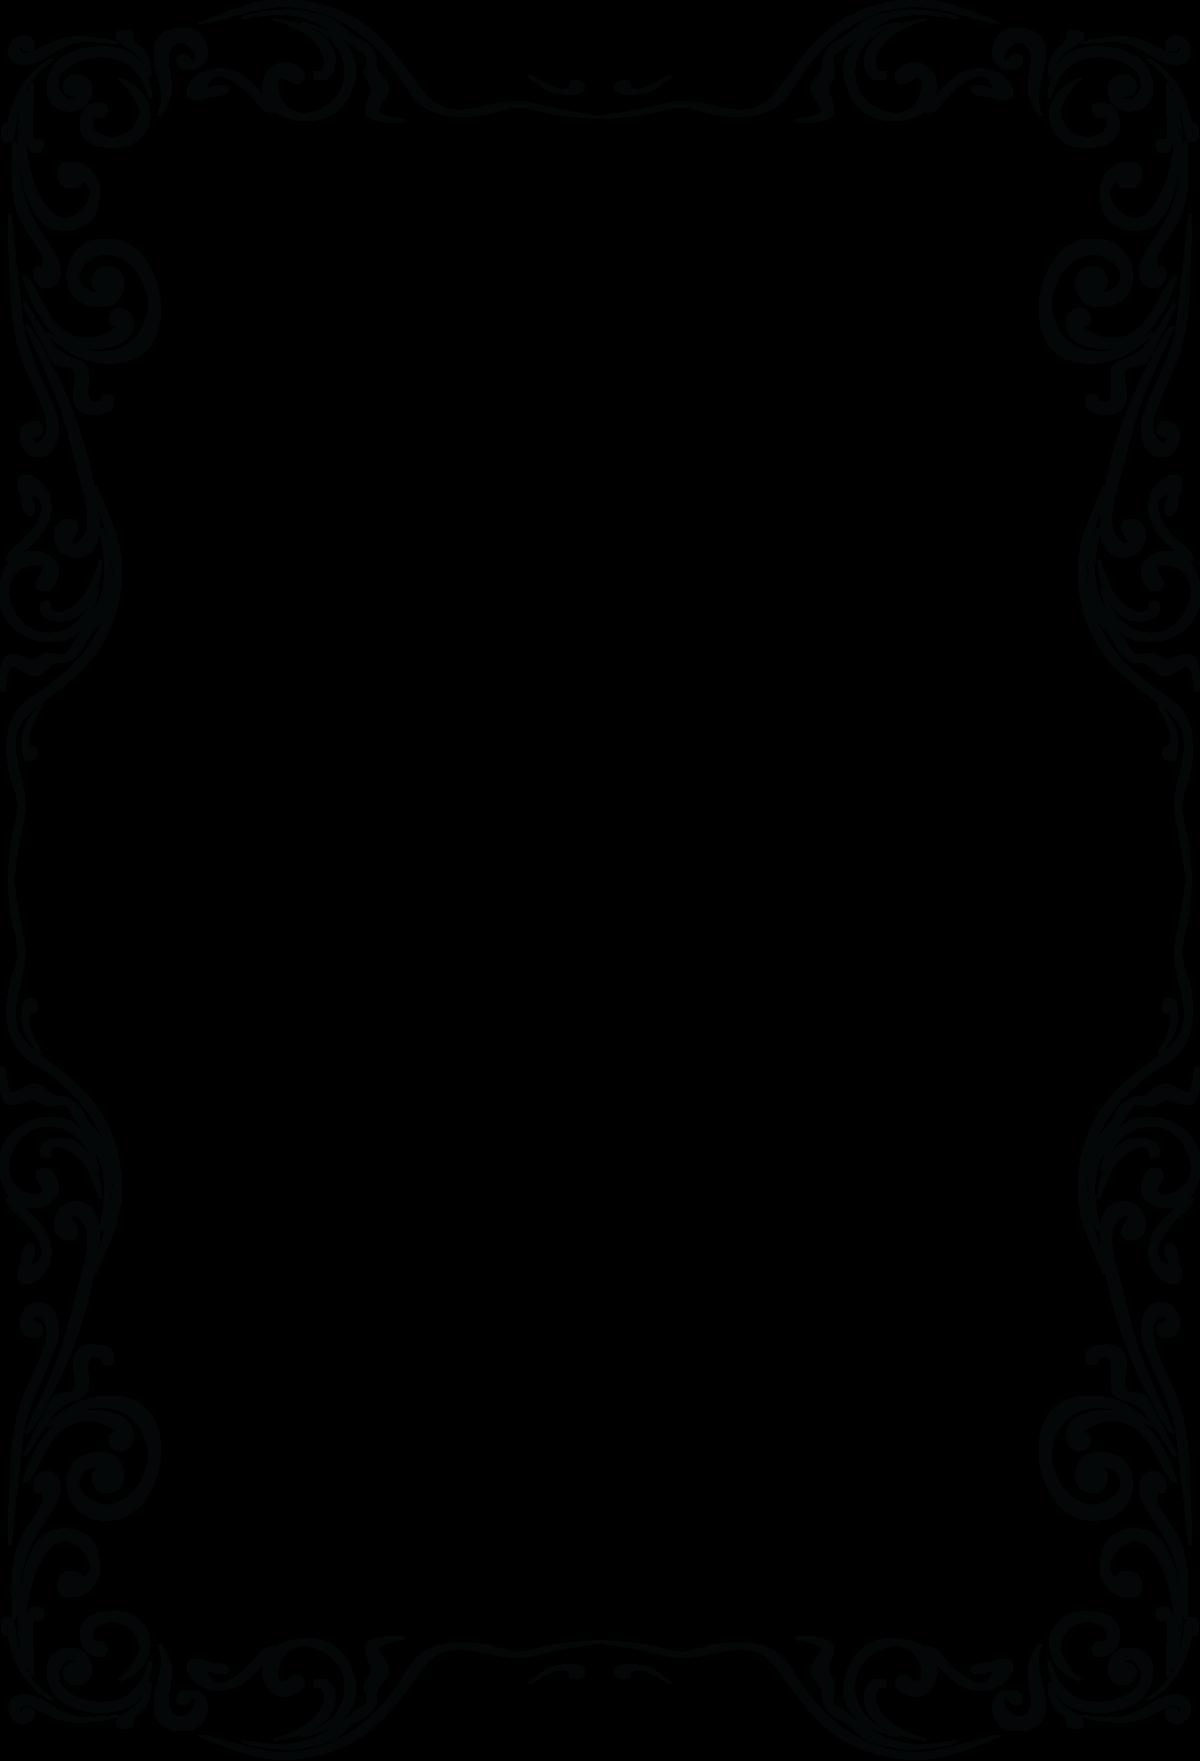 Рамки для открыток черно белые чтобы вписать текст, для кума днем